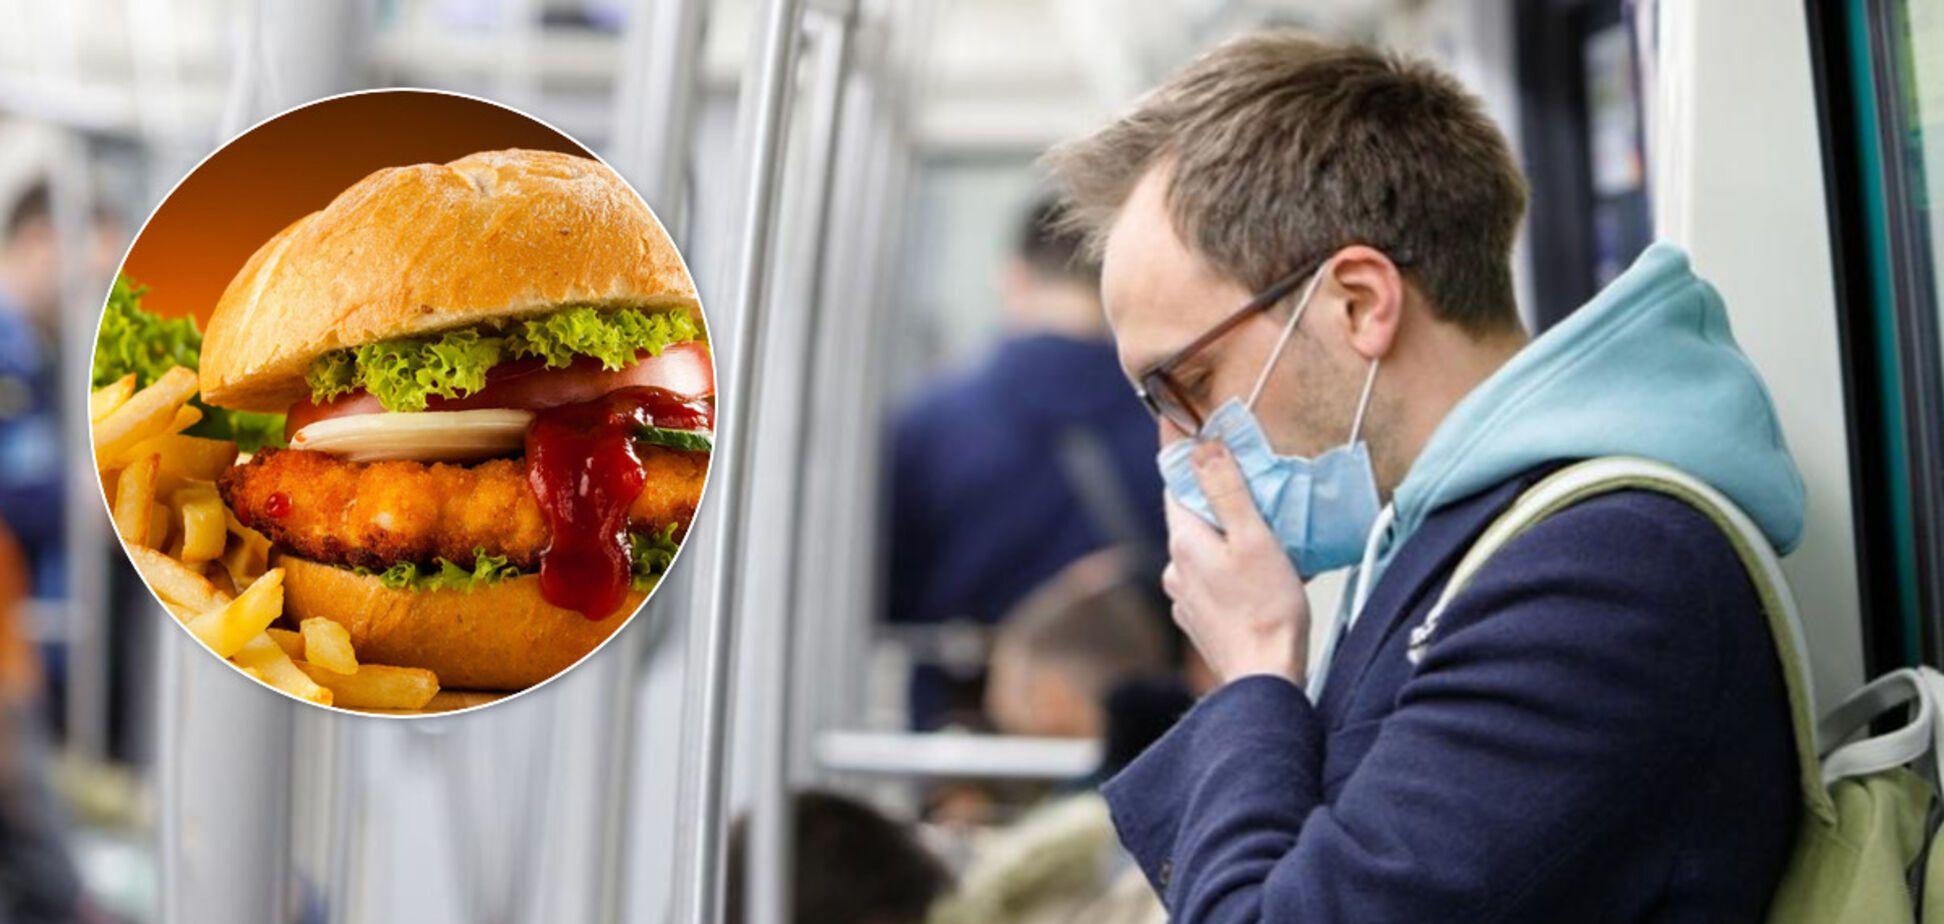 Санитайзеры и еда на вынос: в Киеве утвердили правила работы фаст-фудов и кофеен